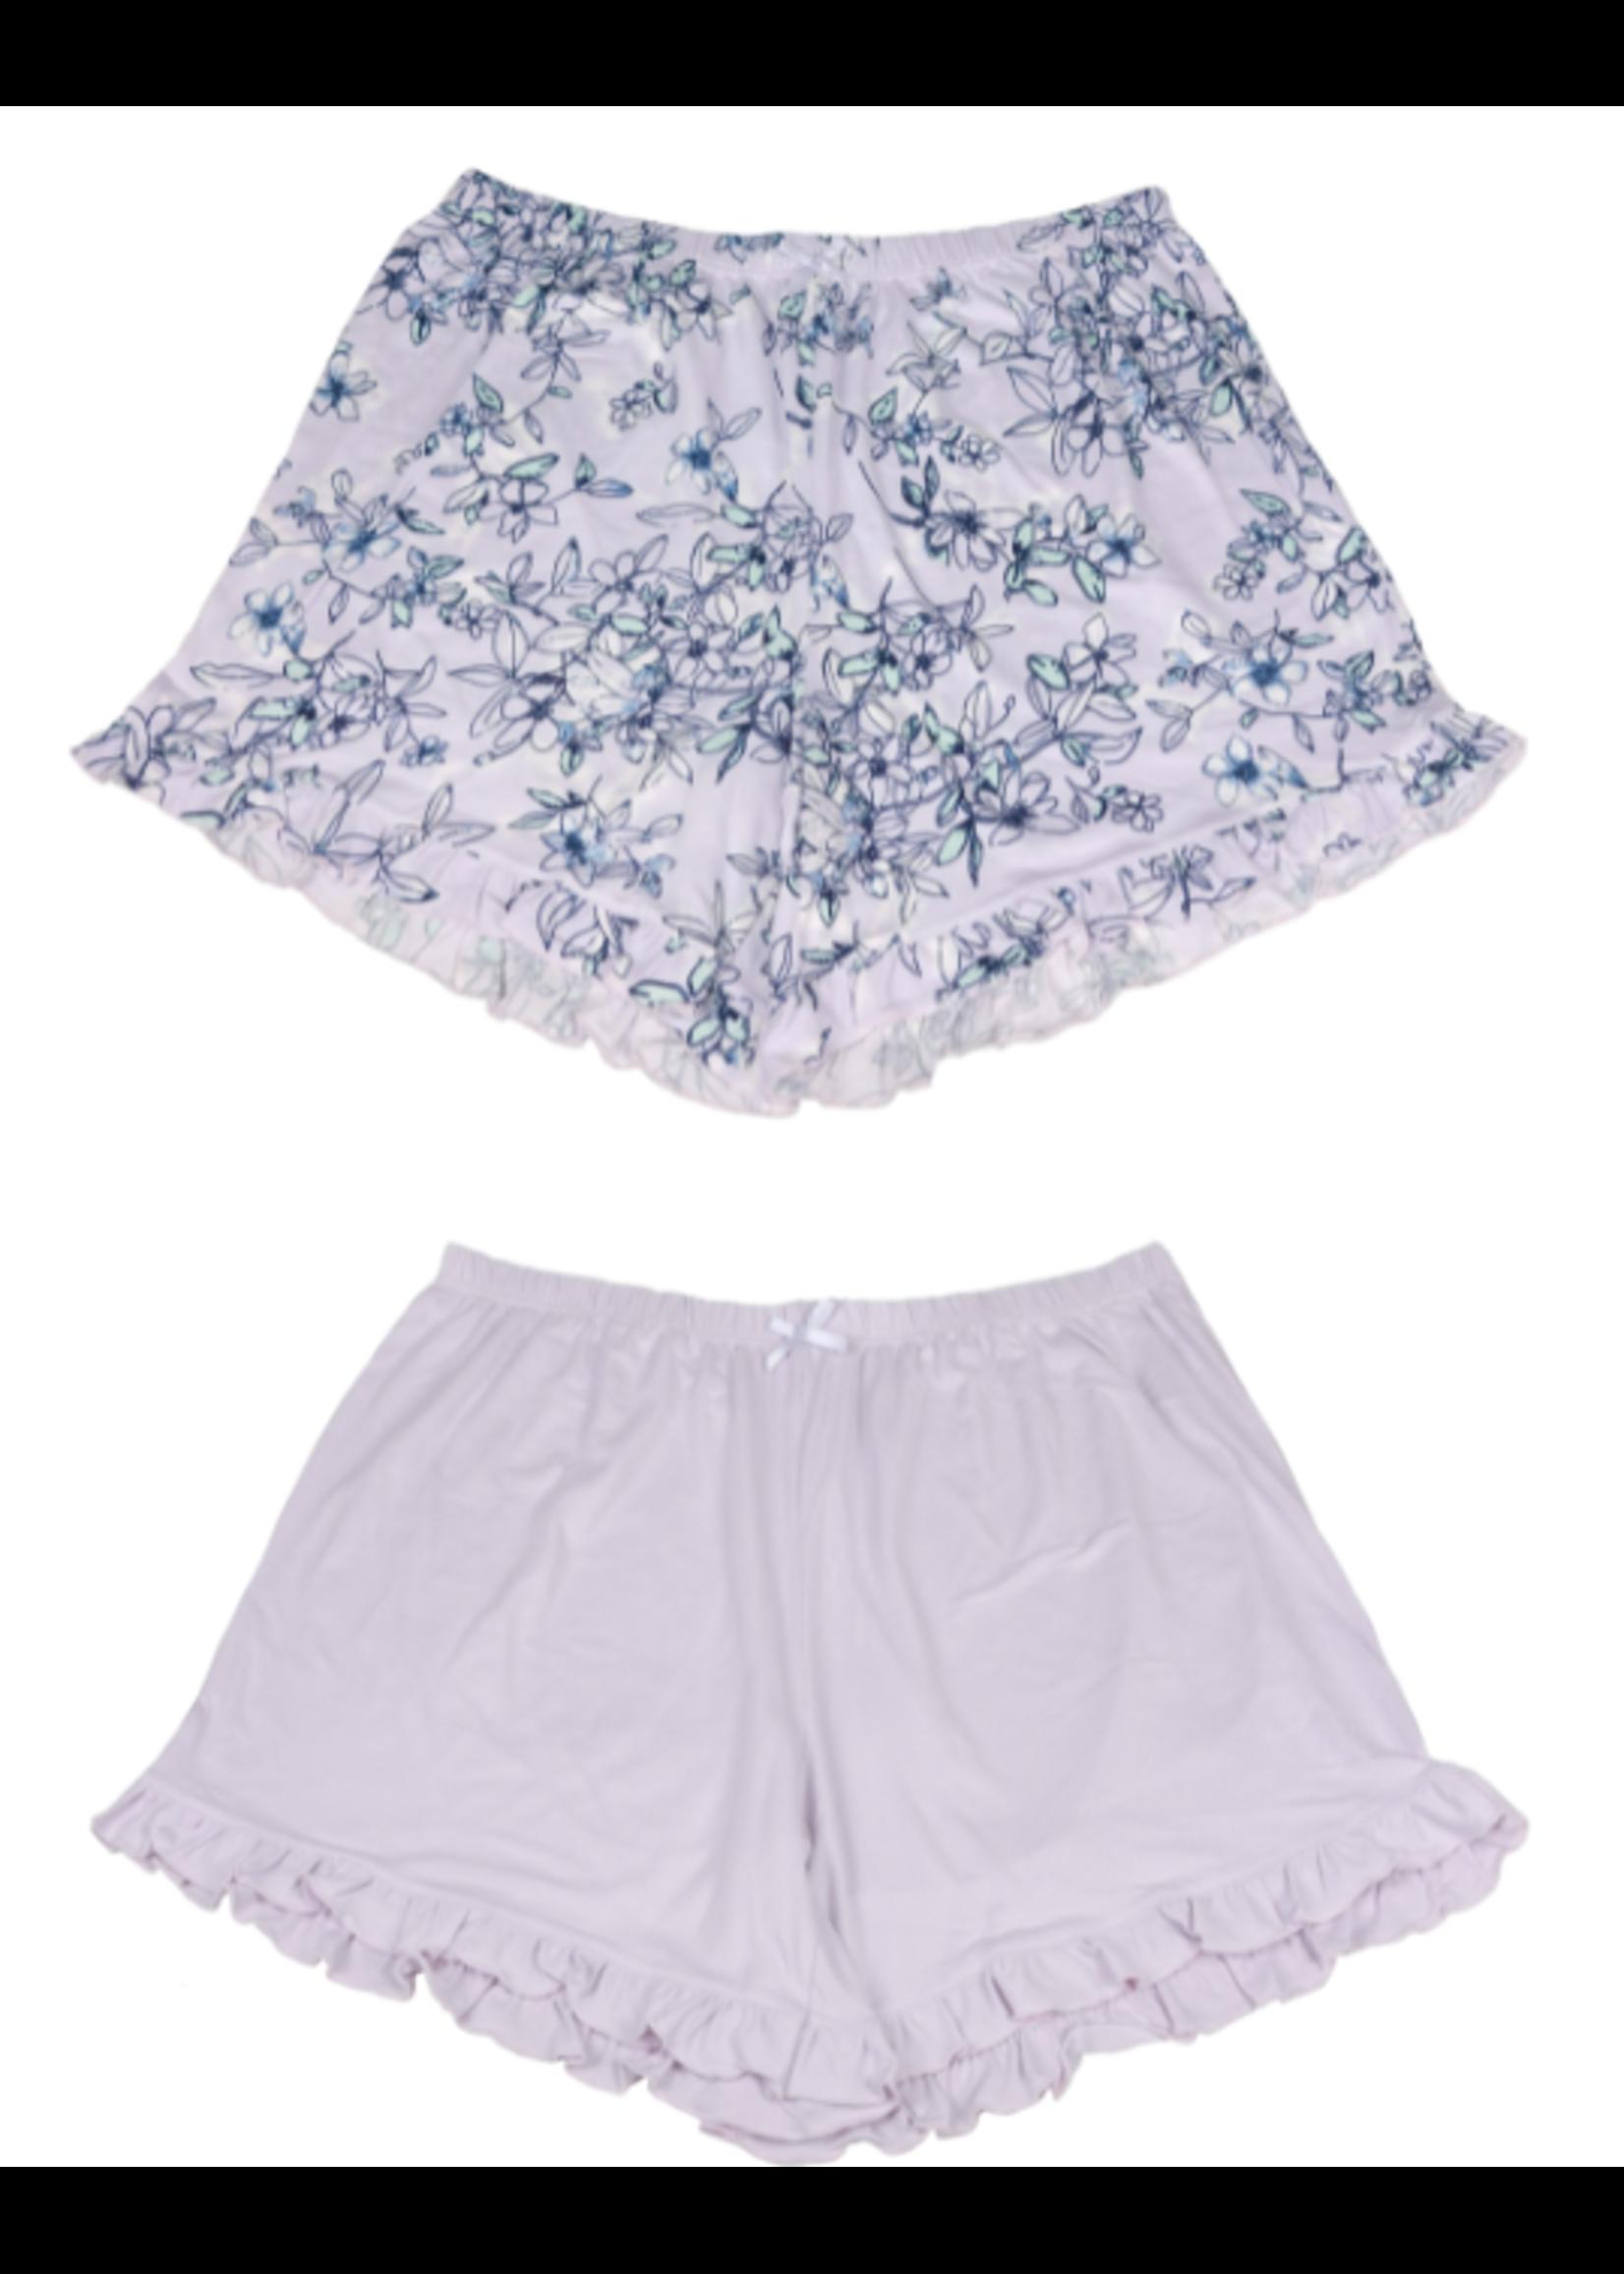 Fashion by Mirabeau Set of 2 Lounge Shorts